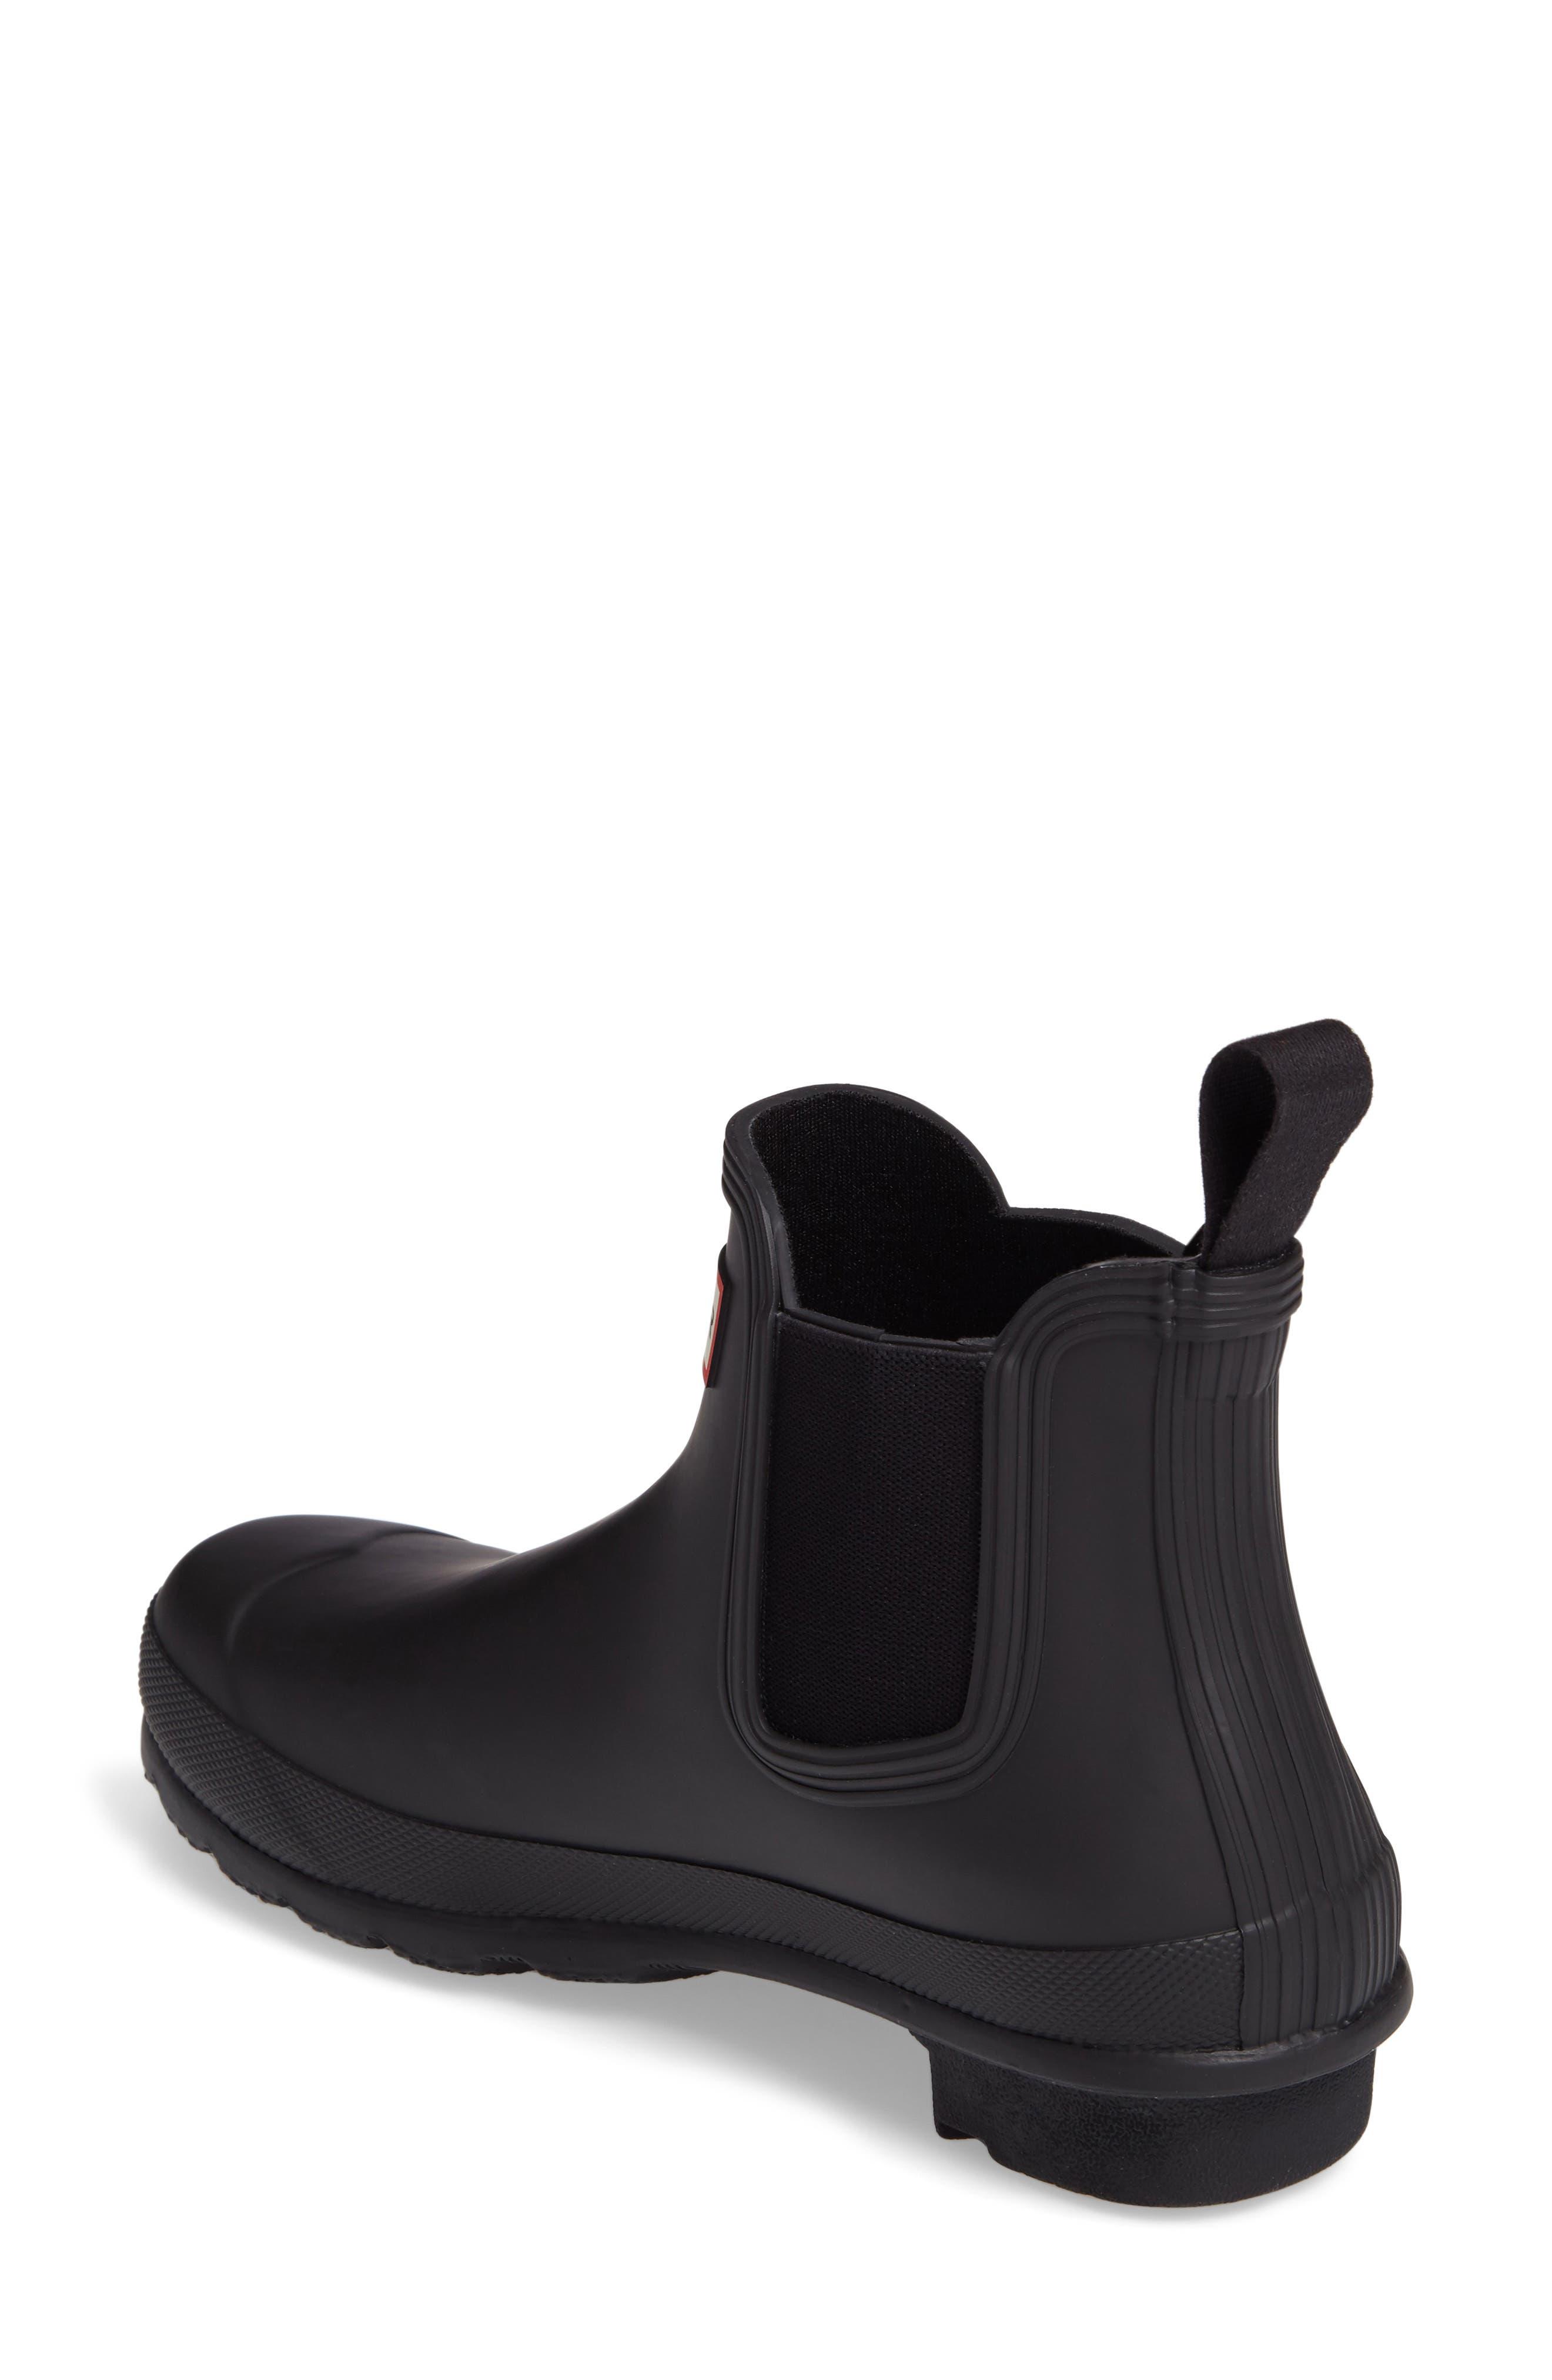 HUNTER, Original Waterproof Chelsea Rain Boot, Alternate thumbnail 2, color, BLACK MATTE